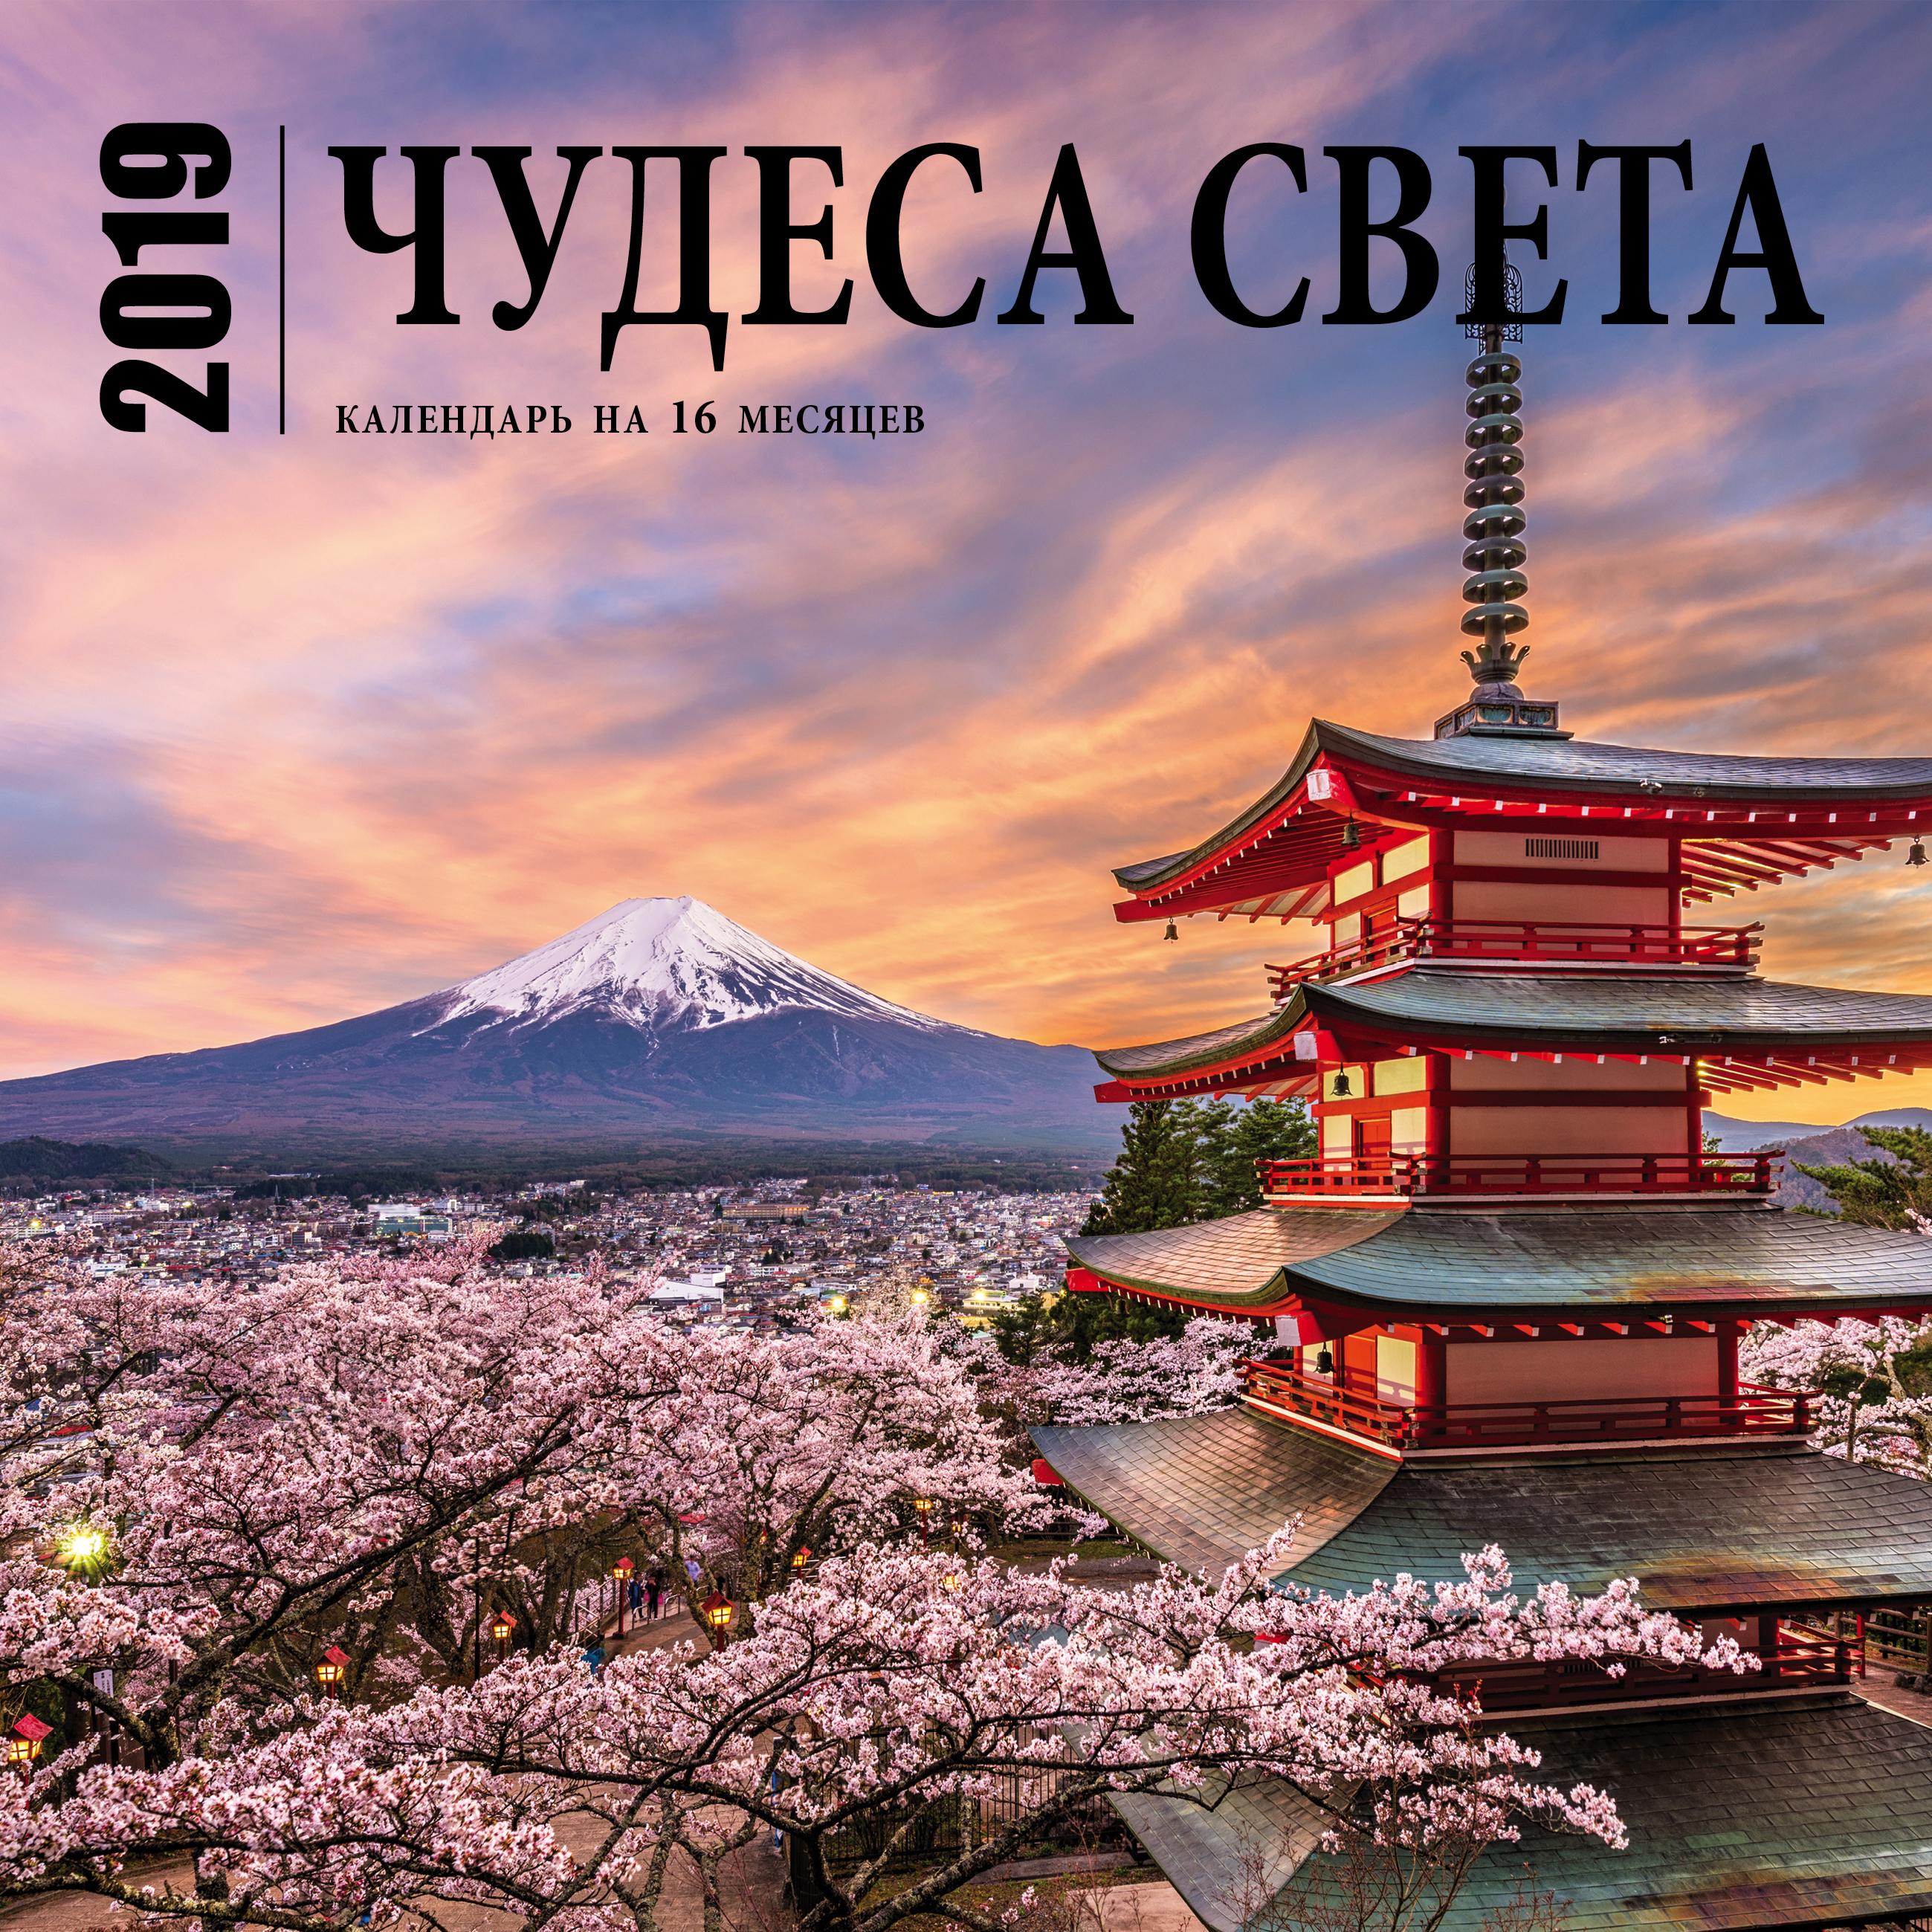 Чудеса света. Календарь (настенный, на 16 месяцев) 2019 чудеса света dvd